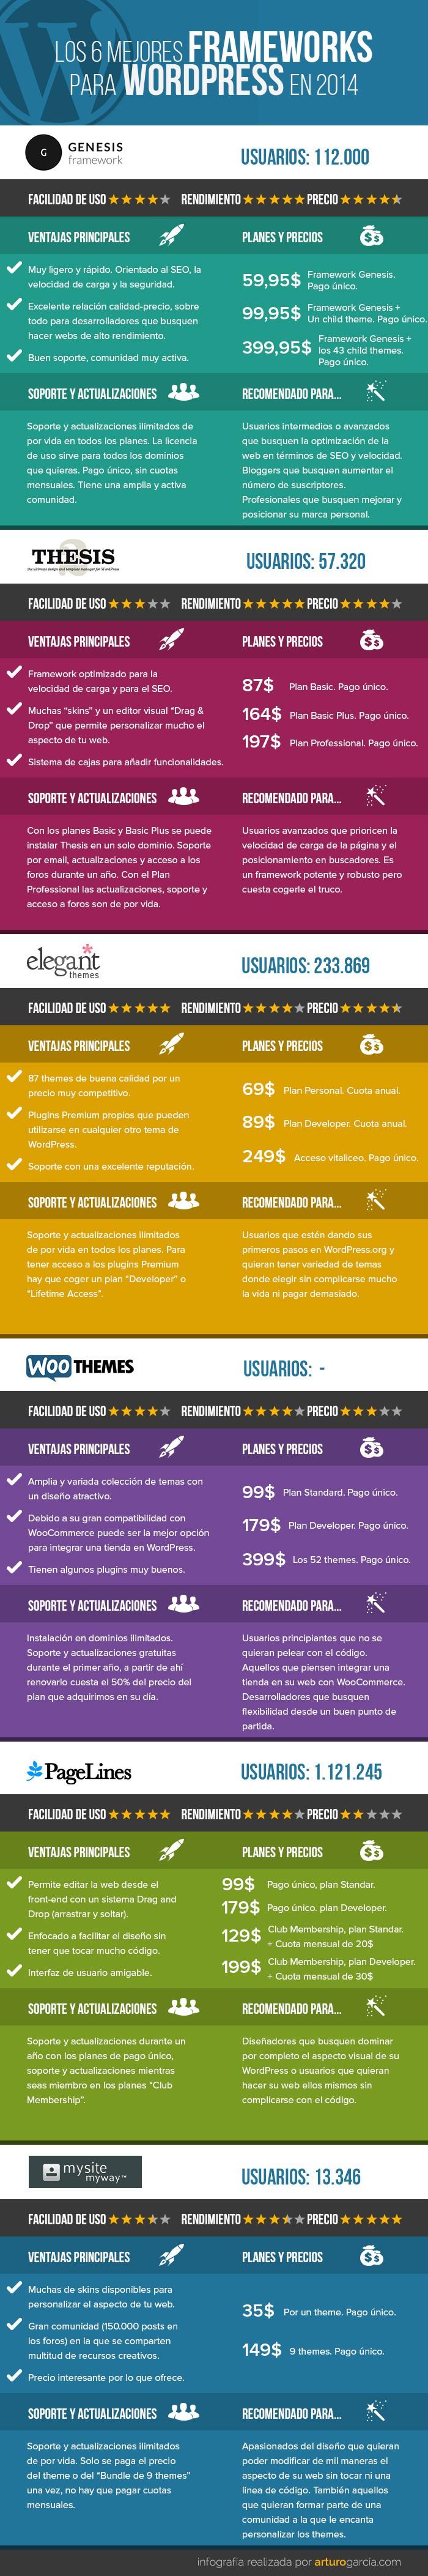 comparativa-frameworks-wordpress